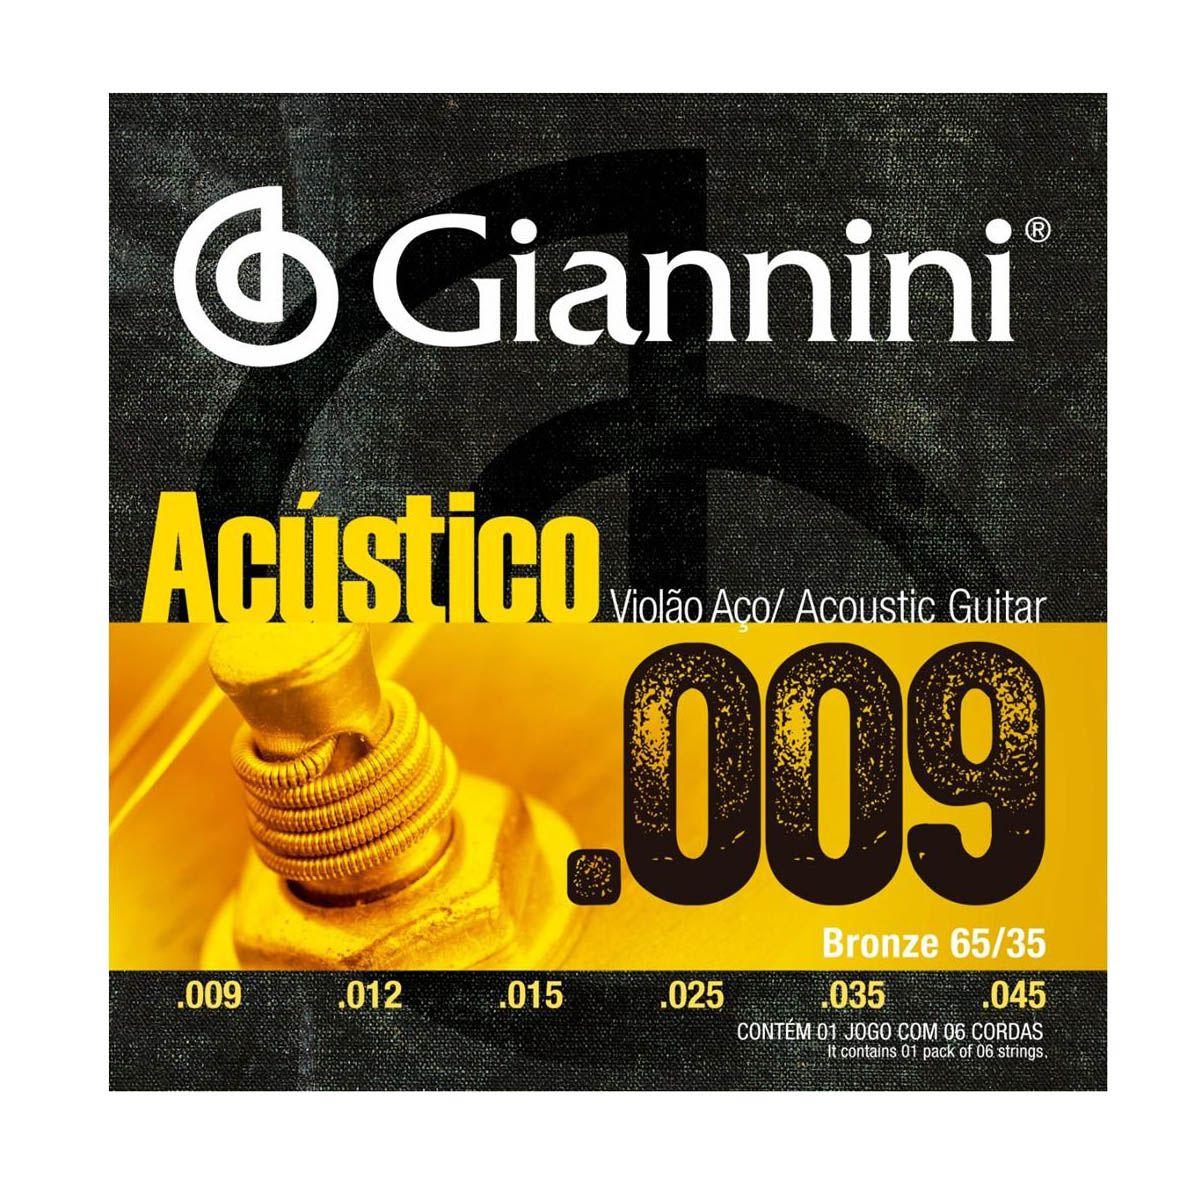 Encordoamento Giannini GESWAL .009/0.45 Bronze para Violão